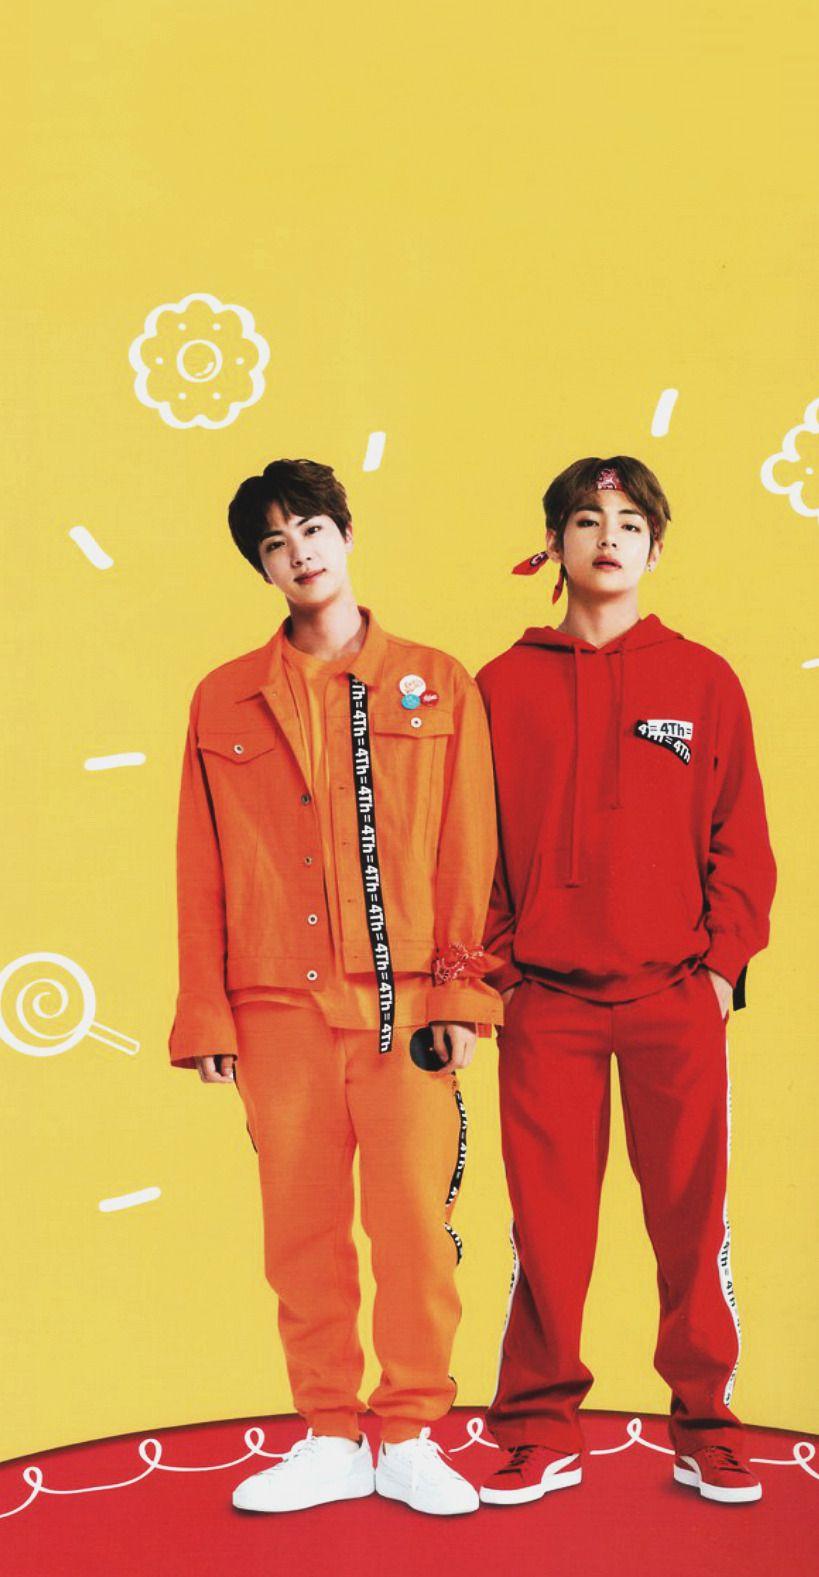 Bts Tumblr Bts 4th Muster Bts Jin Bts Bts jin and v wallpaper